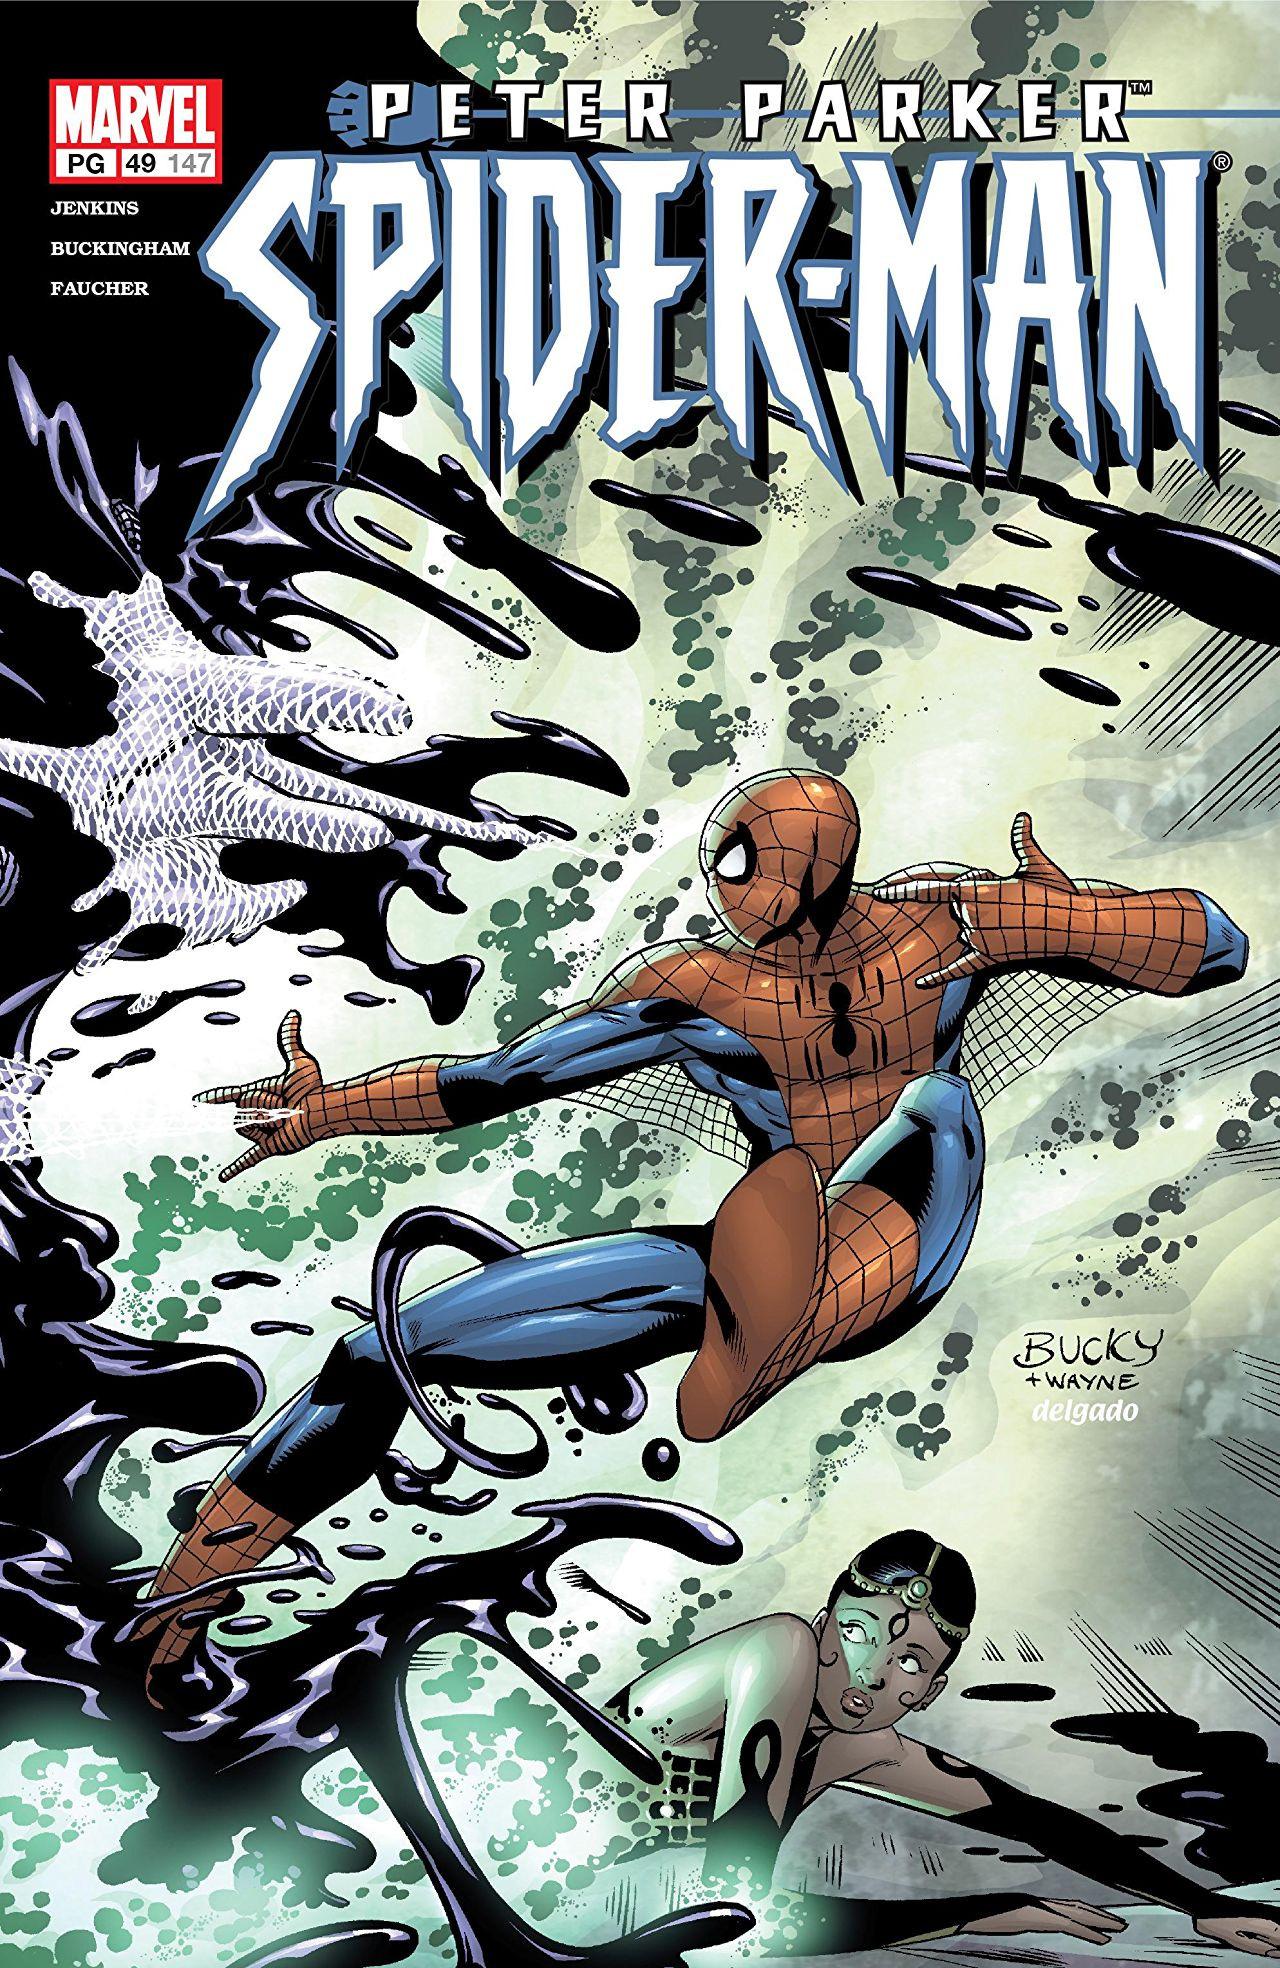 Peter Parker: Spider-Man Vol 1 49